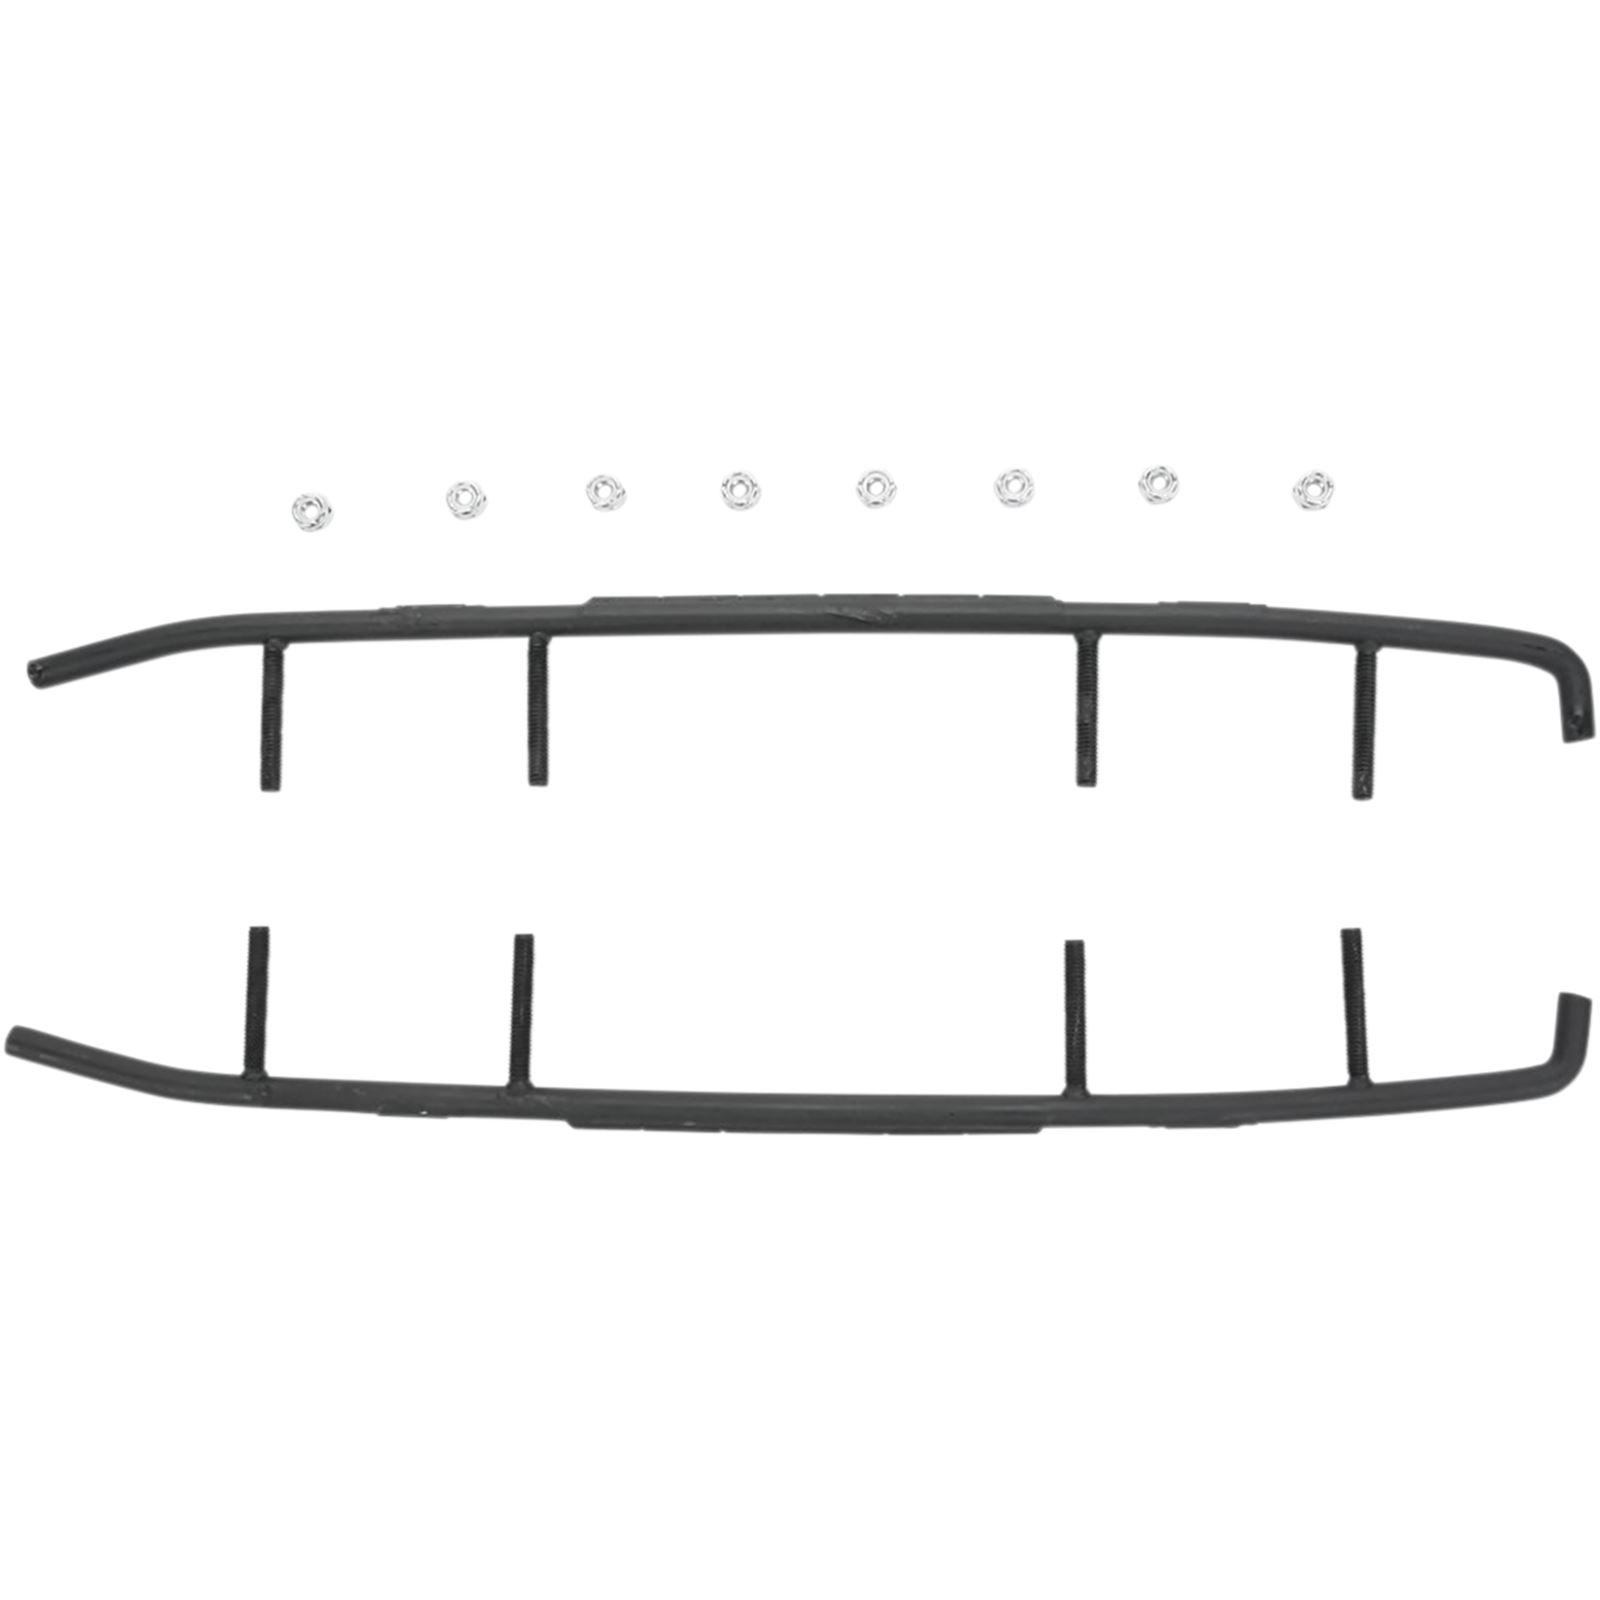 """Snostuff X-calibar Carbide Runner - 506 Series - 6"""" - 60°"""